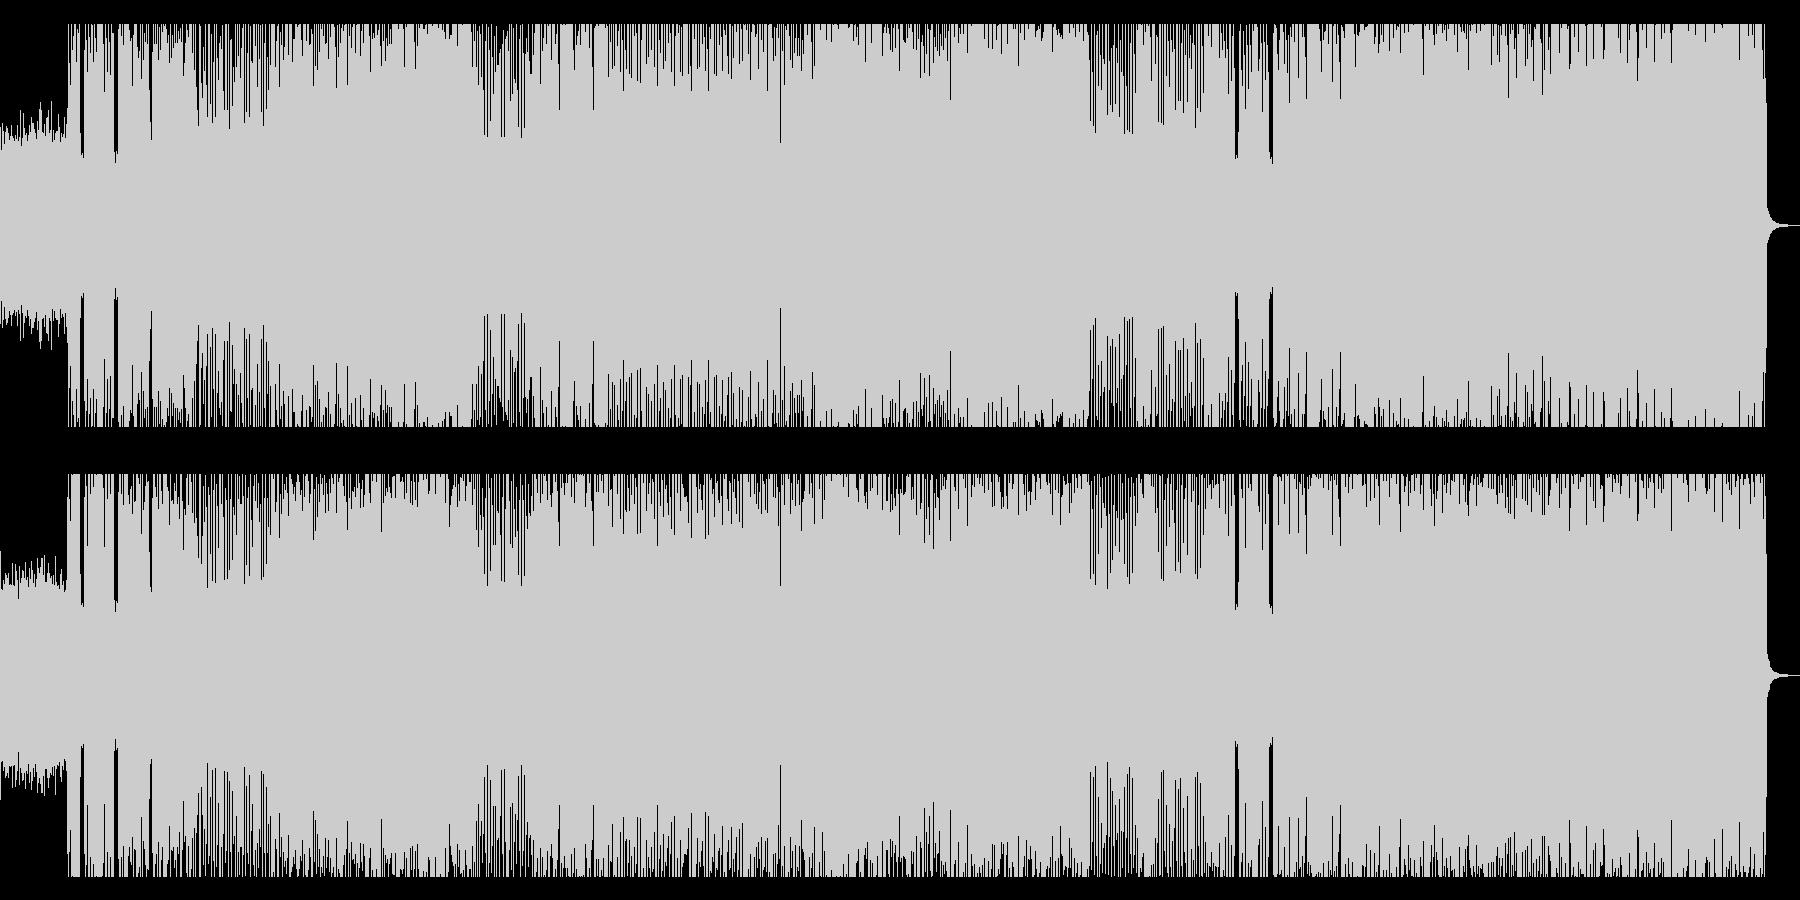 メタル、ハードロック風の重く激しいロックの未再生の波形